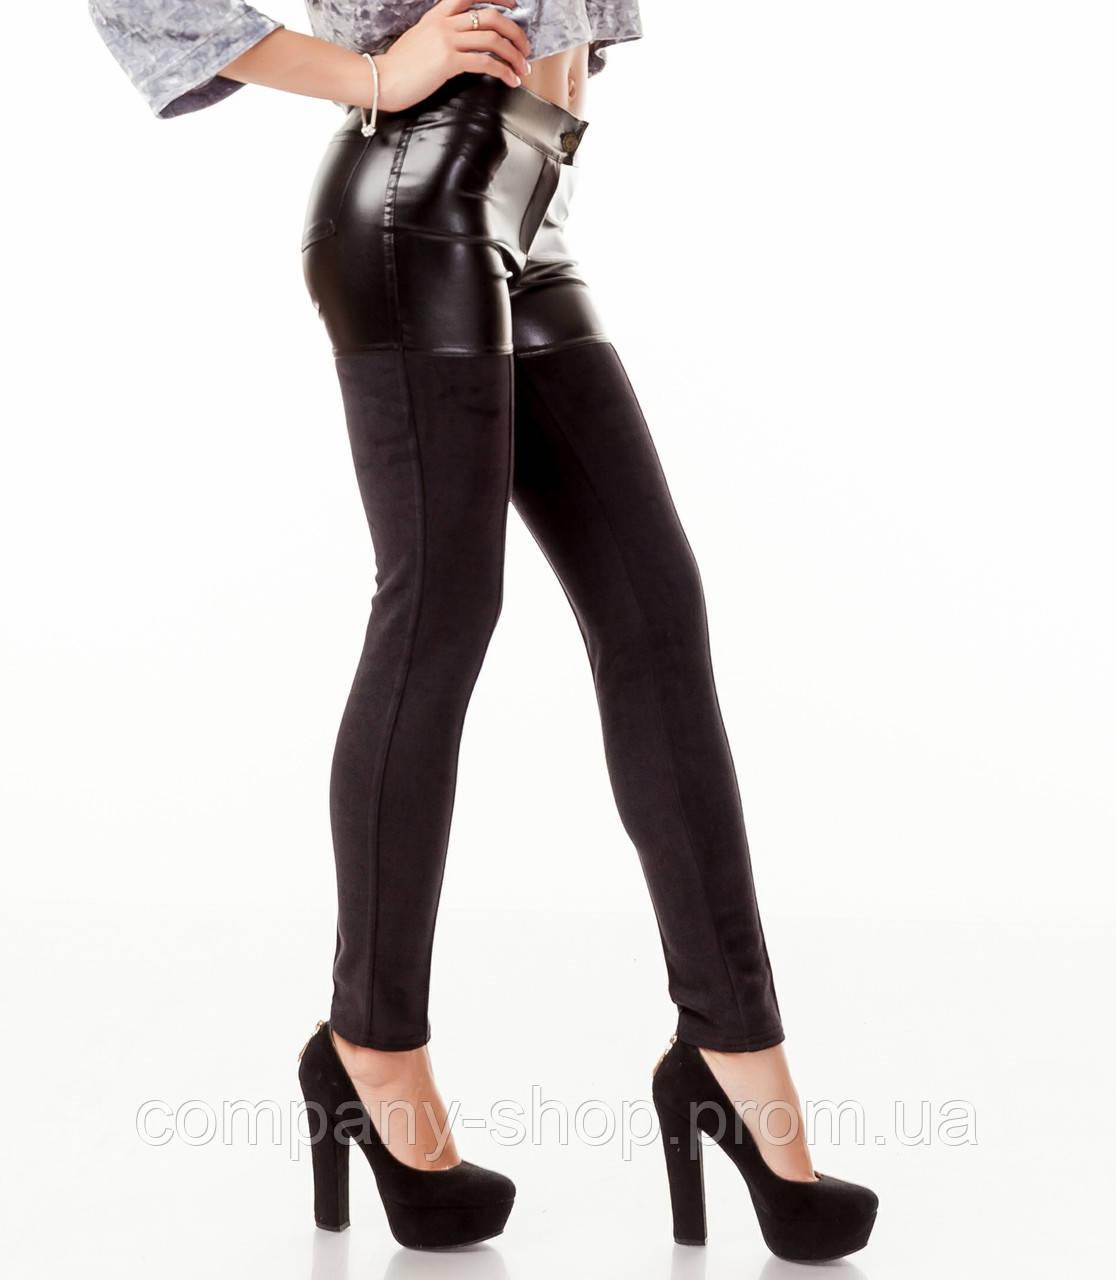 ec7600bafbb67 Леггинсы-брюки комбинированные оптом. Модель L084_черный.: продажа ...